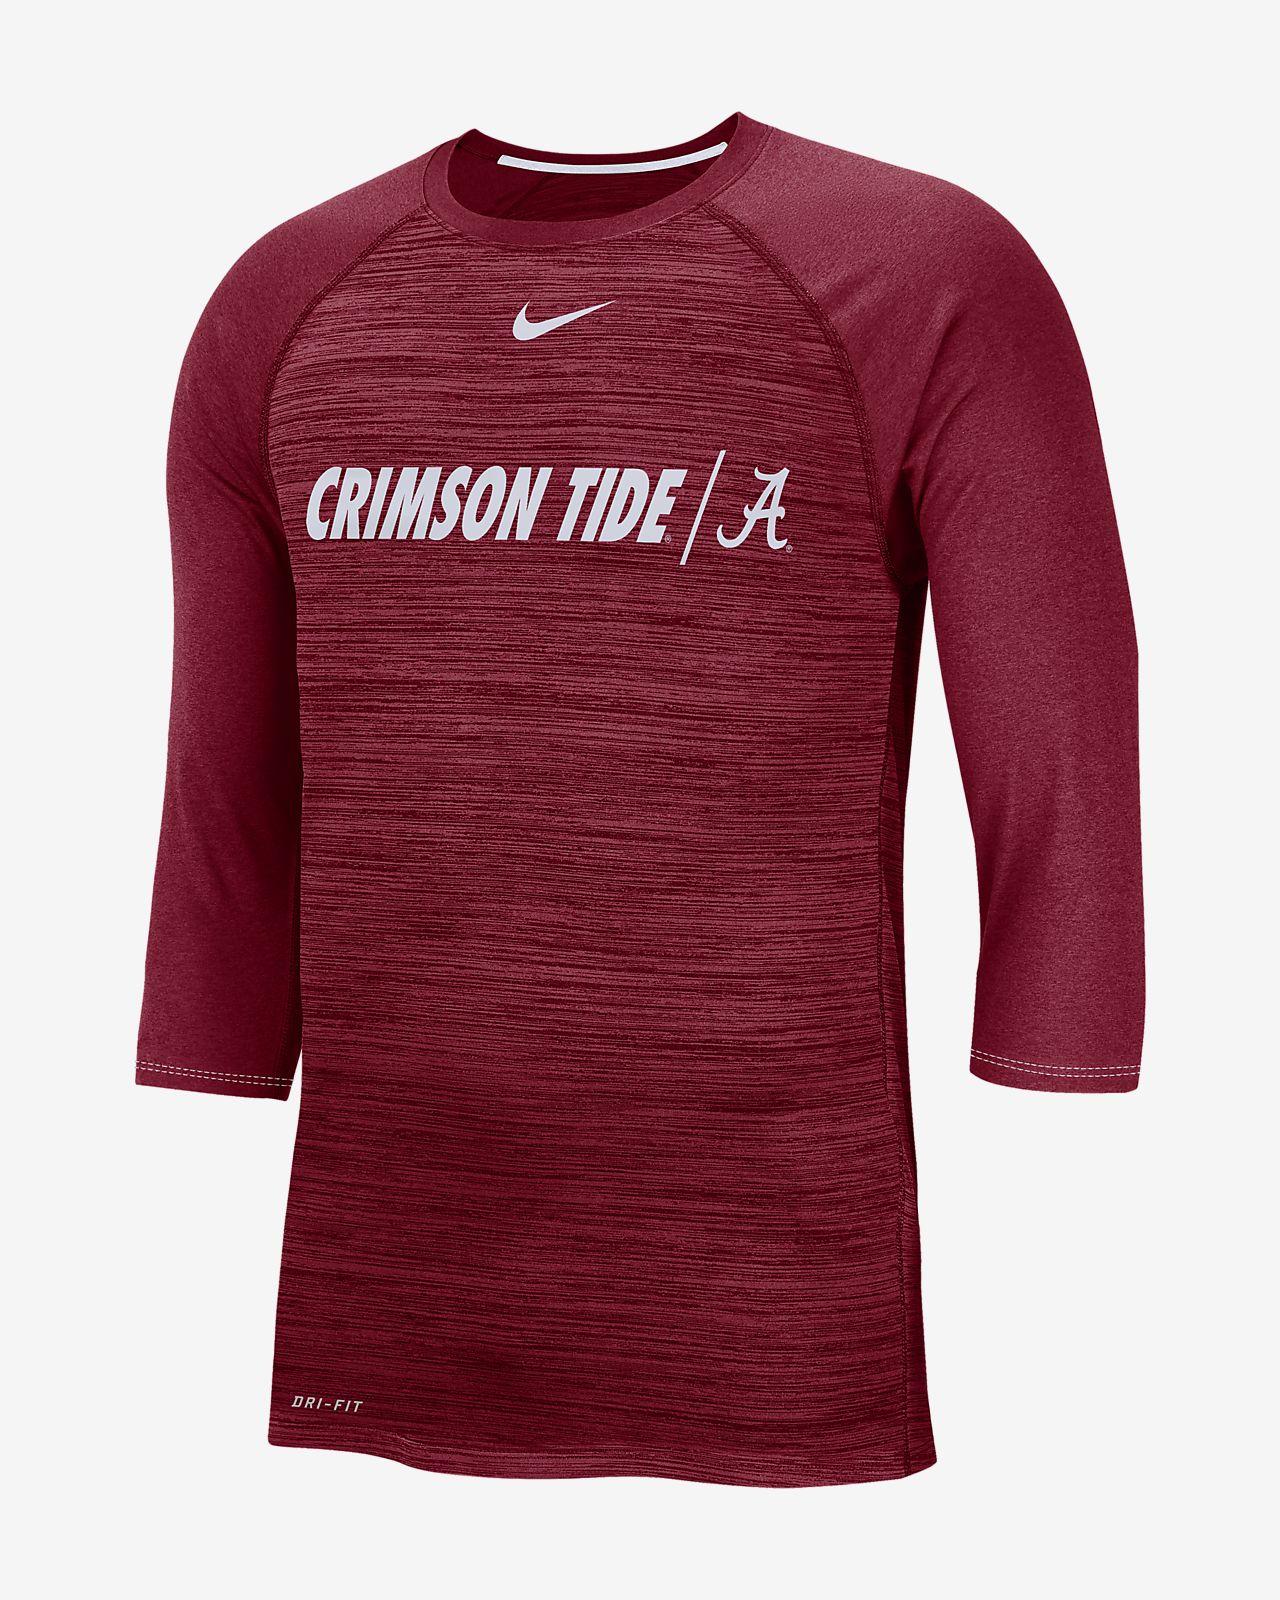 11a663bc70d8 Nike College Dri-FIT Legend (Alabama) Men s 3 4-Sleeve Top. Nike.com